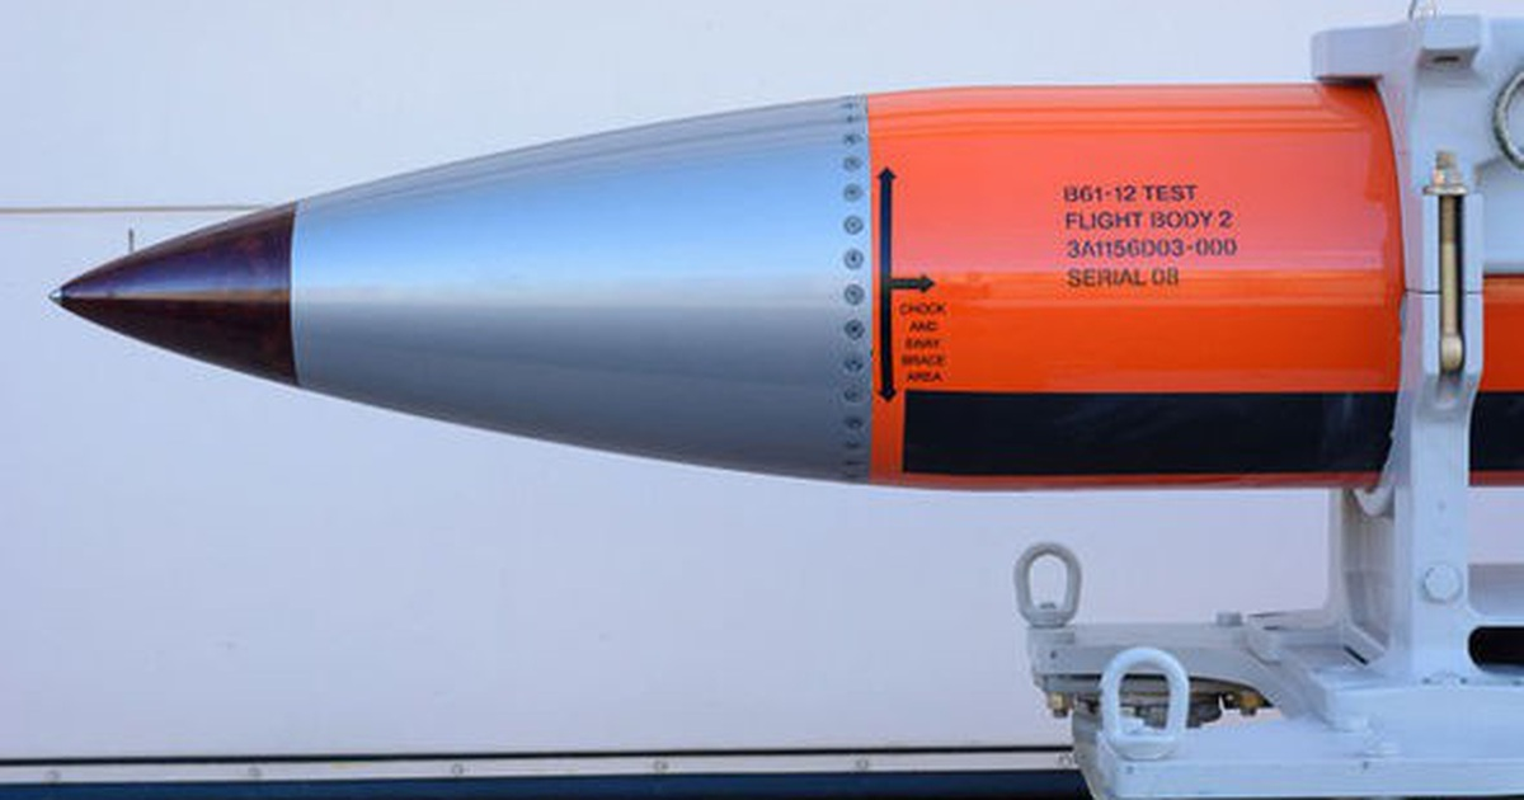 Nga phan ung lanh lung khi My thu bom hat nhan B61-12 tu F-15E-Hinh-12